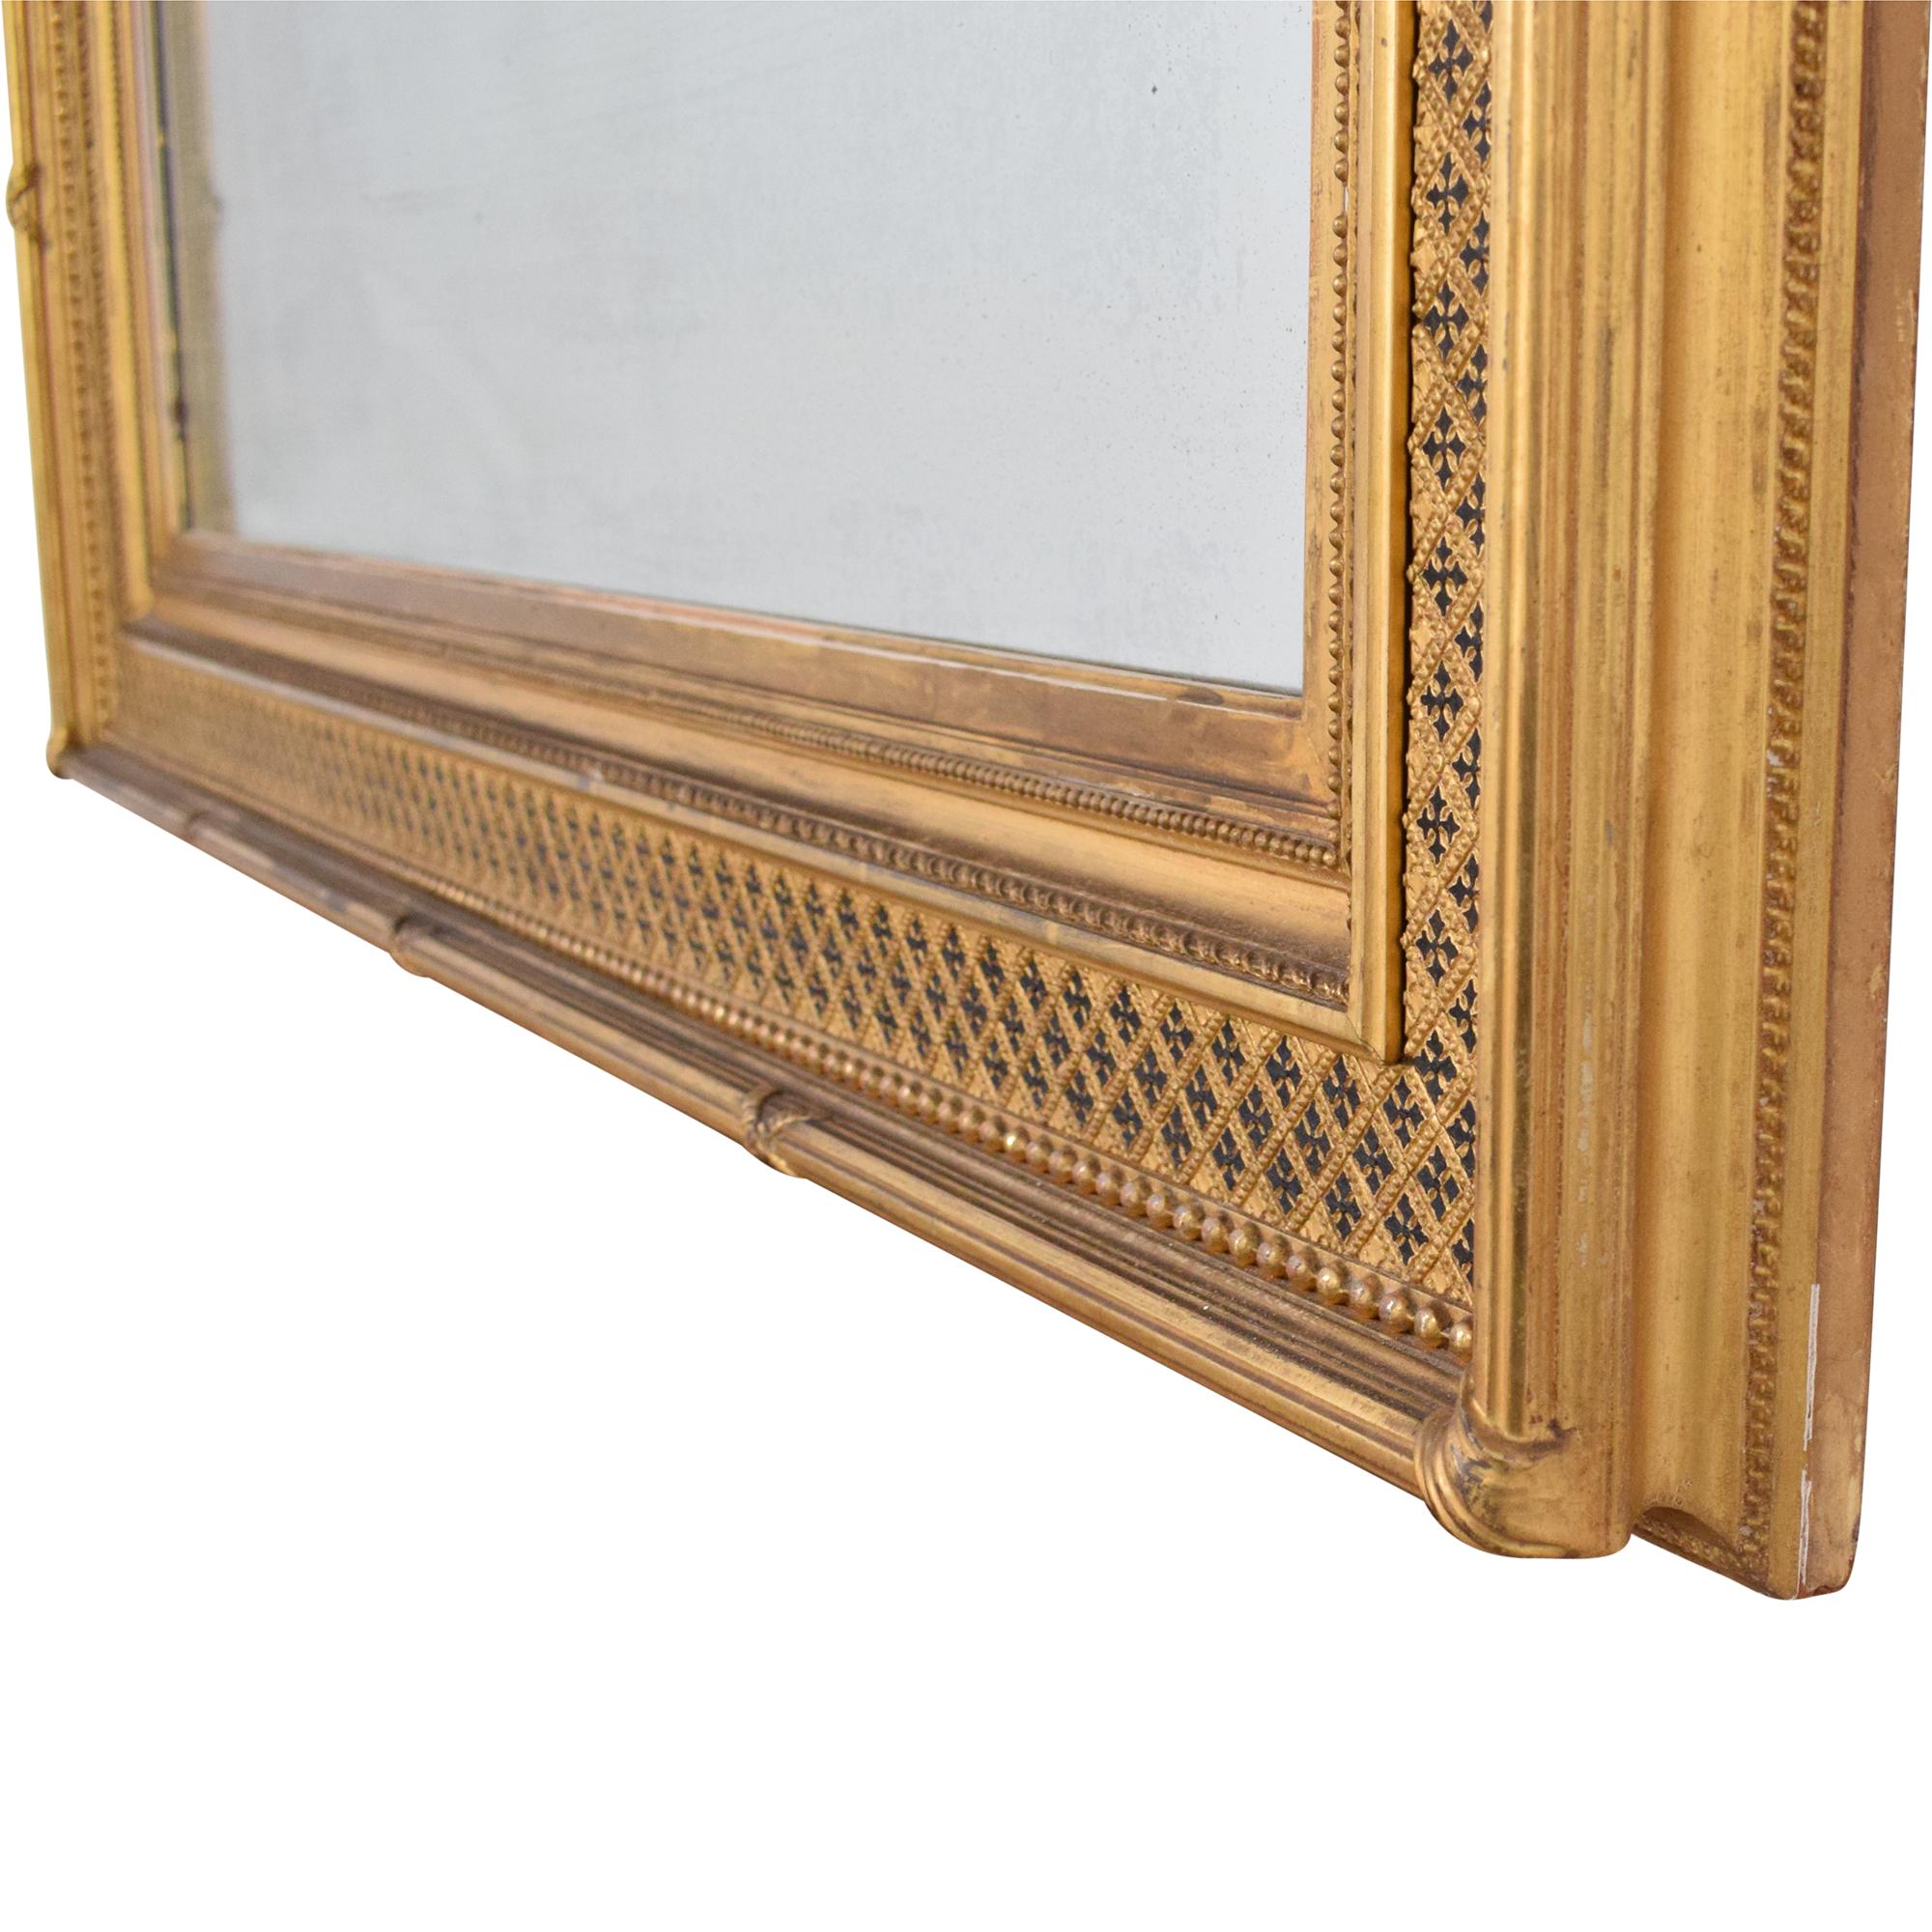 Vintage William Schaus Framed Mirror dimensions